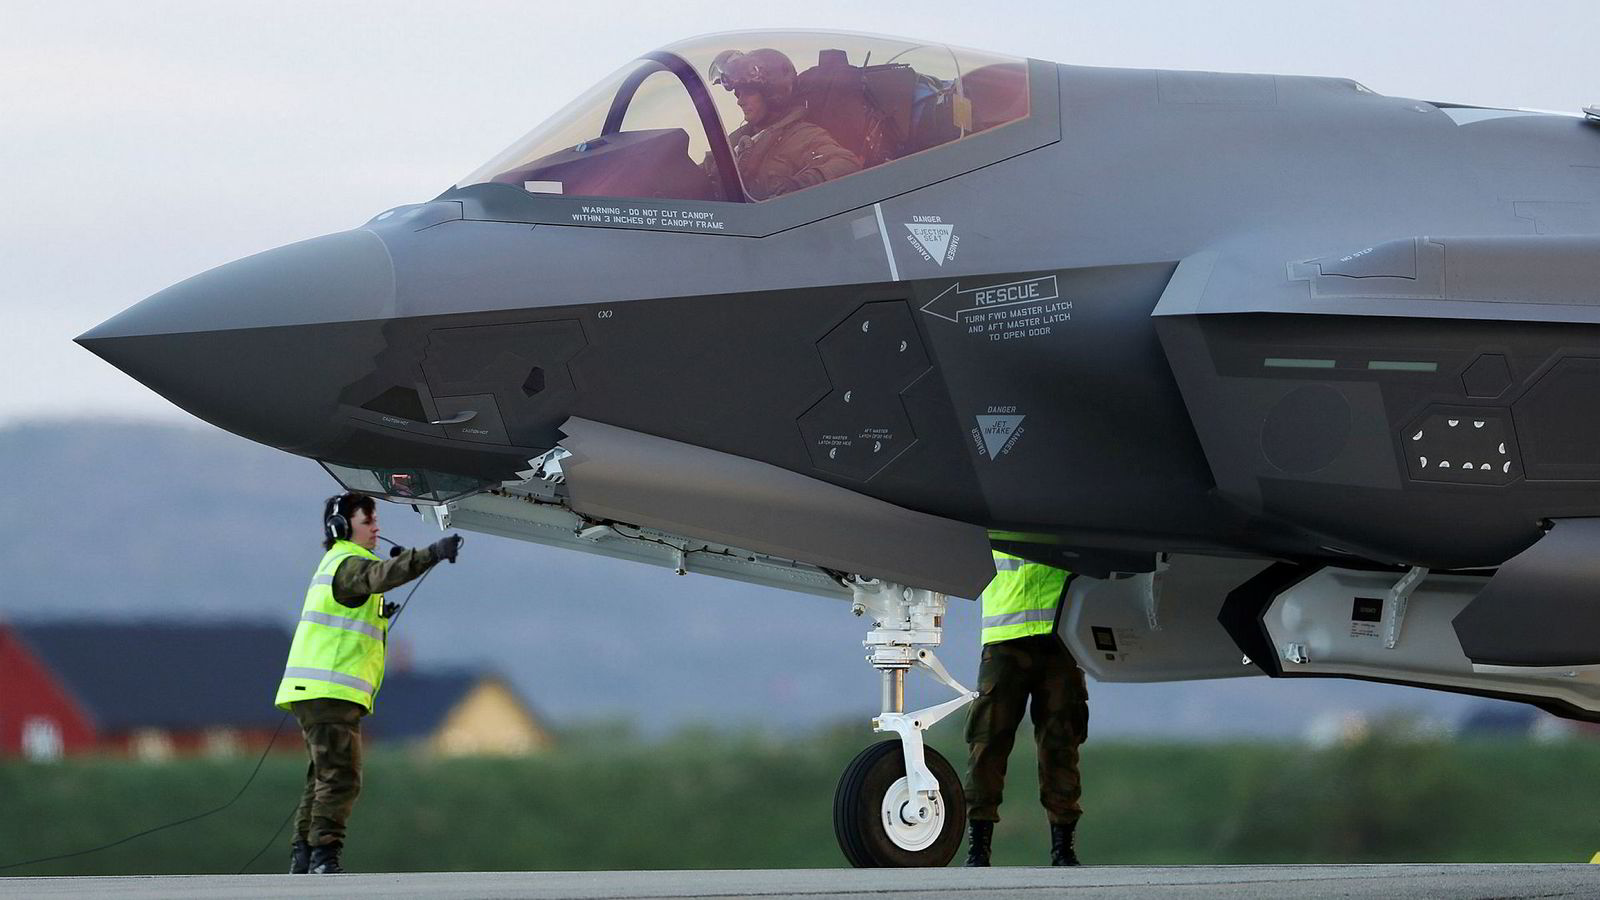 Stortinget vil ha svar på om de nye F-35 kampflyene blir dyrere enn ventet. Bildet er fra da de første kampflyene ankom Ørland flystasjon 22 mai 2018.